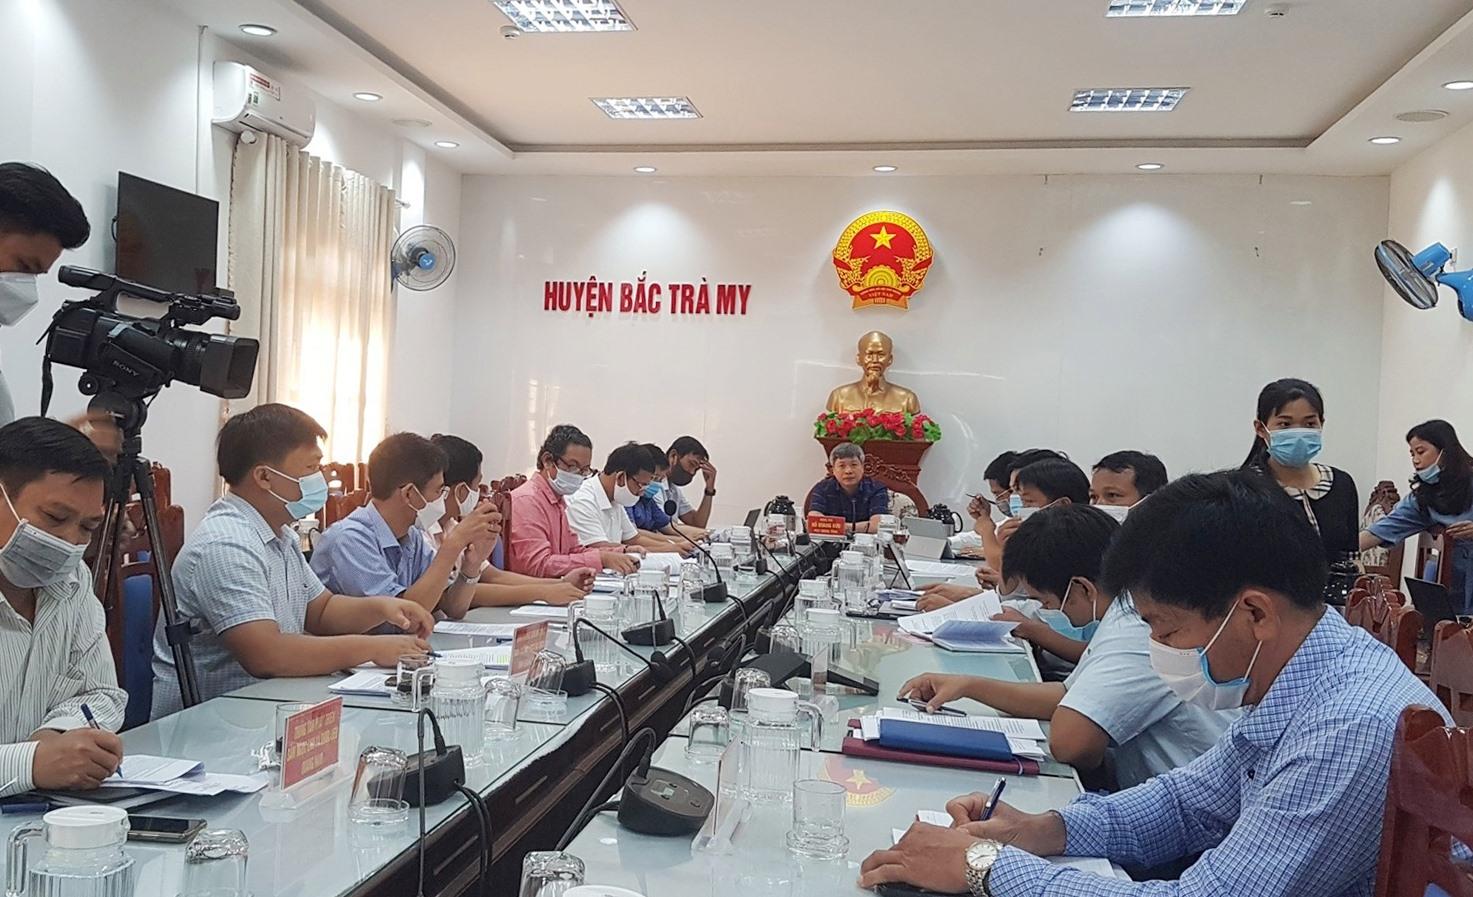 Phó Chủ tịch UBND tỉnh Hồ Quang Bửu làm việc với huyện Bắc Trà My sáng nay. Ảnh: D.L